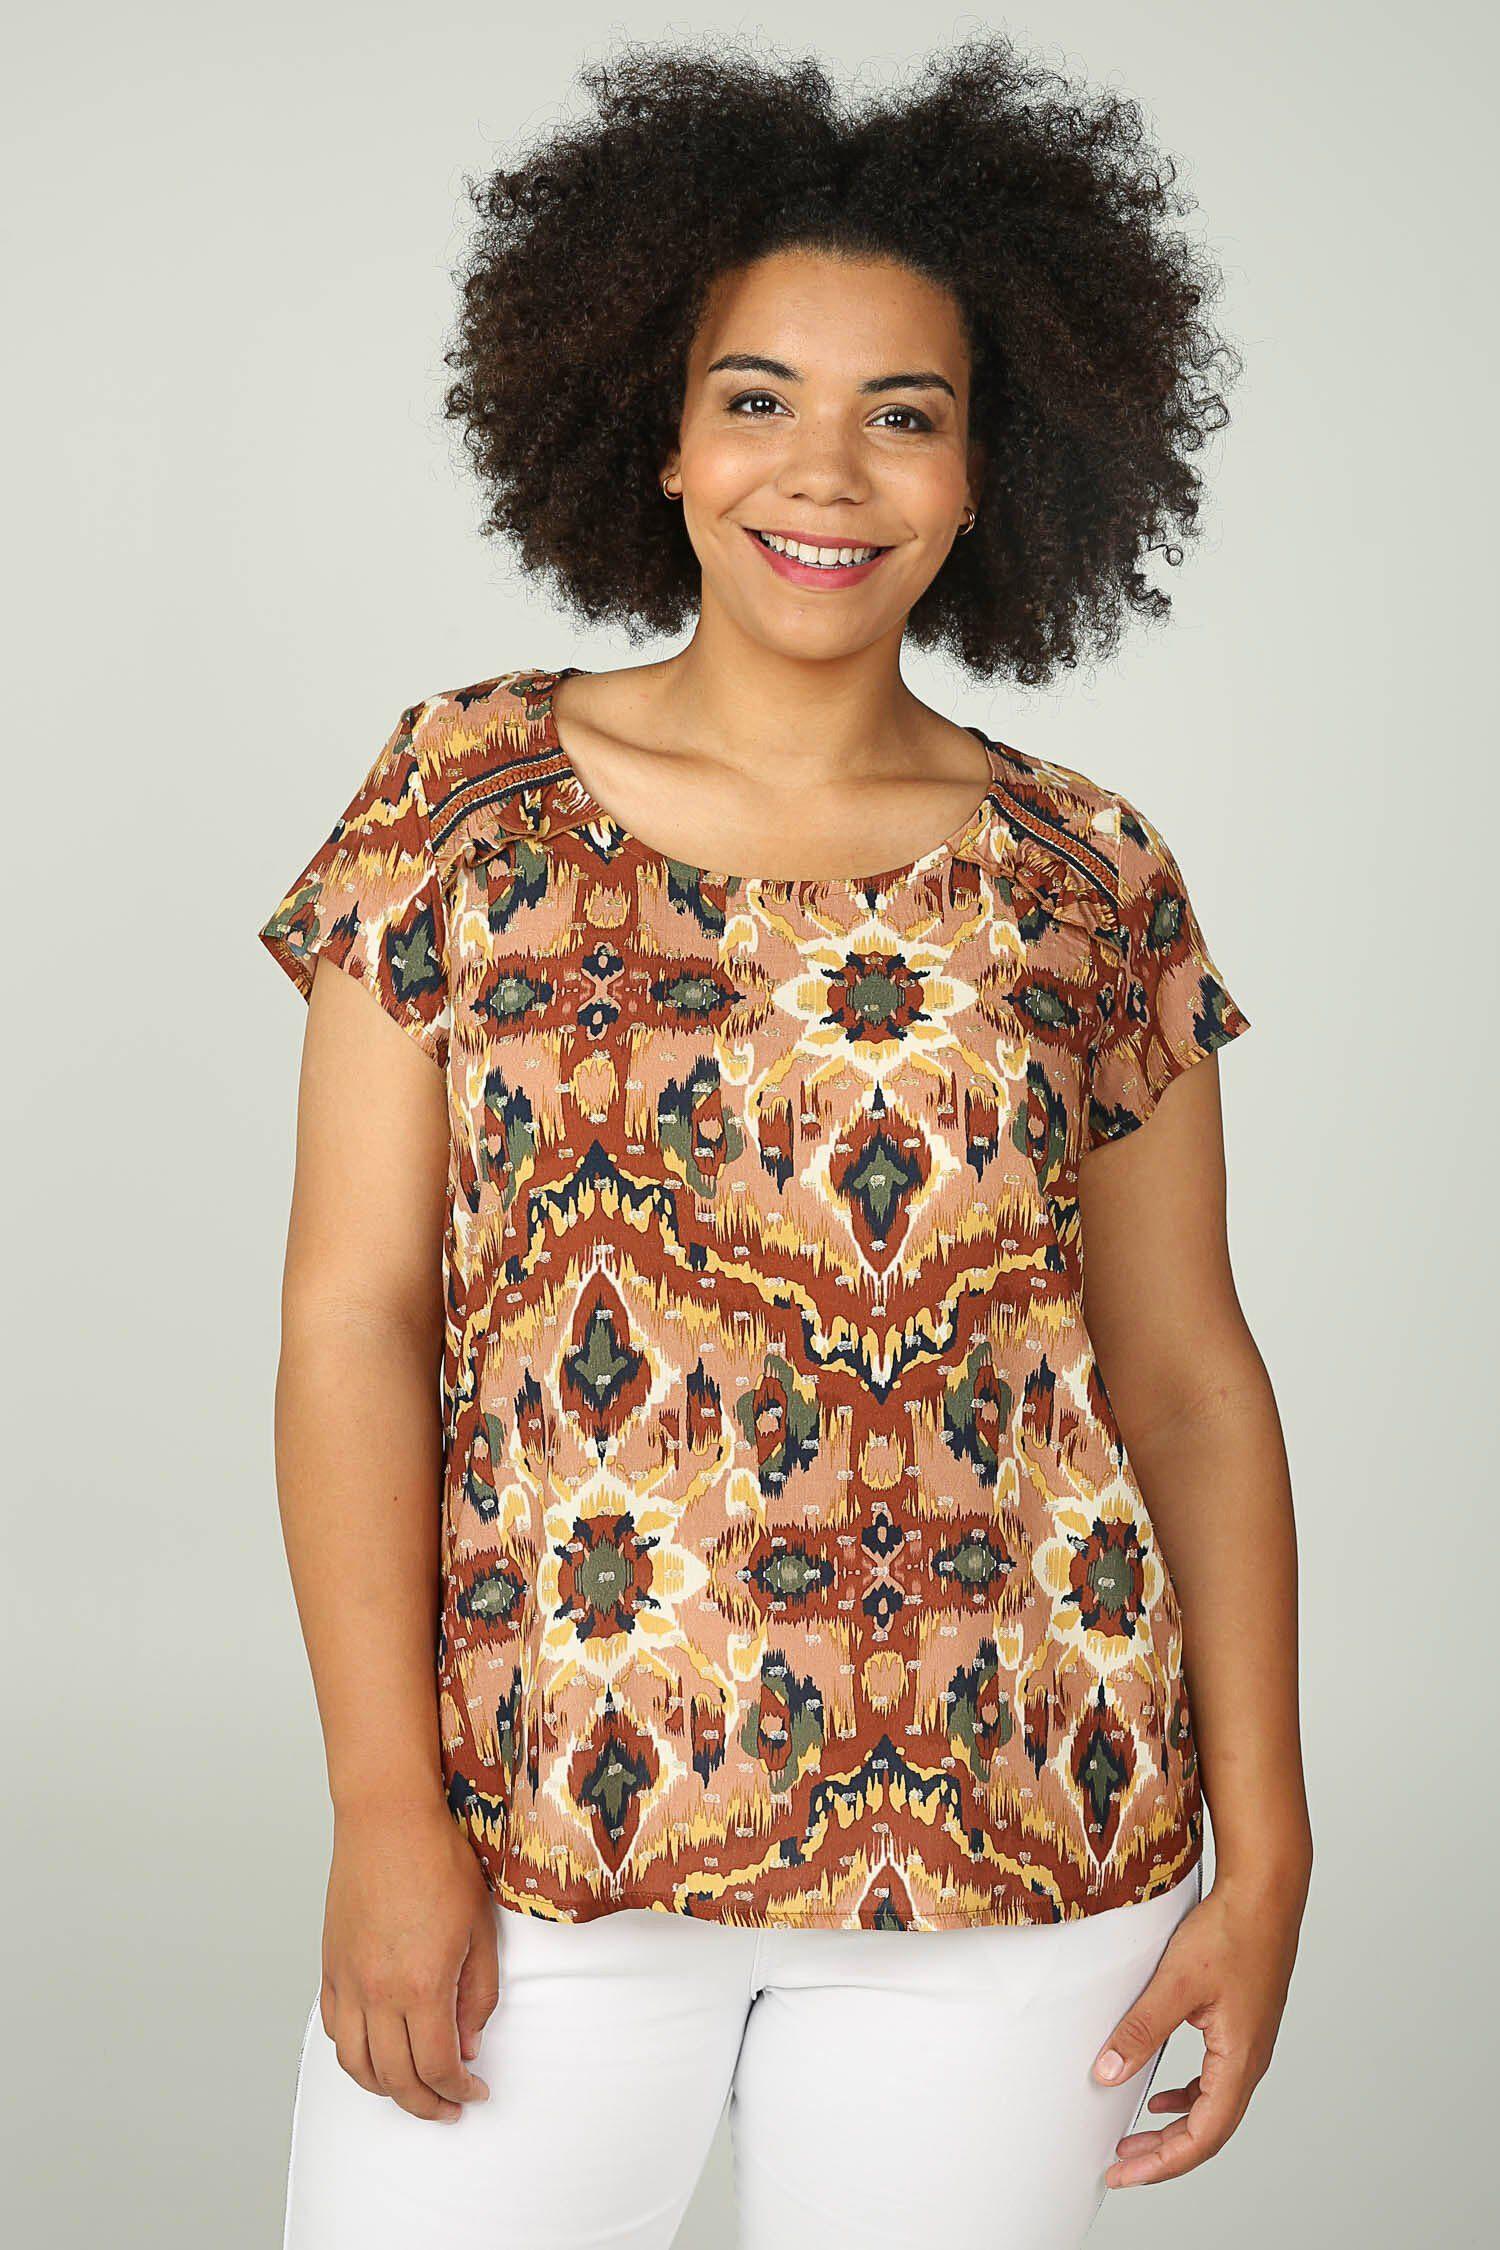 Paprika Druckbluse Bluse mit Print im Barock-Stil und attraktiven Tupfen